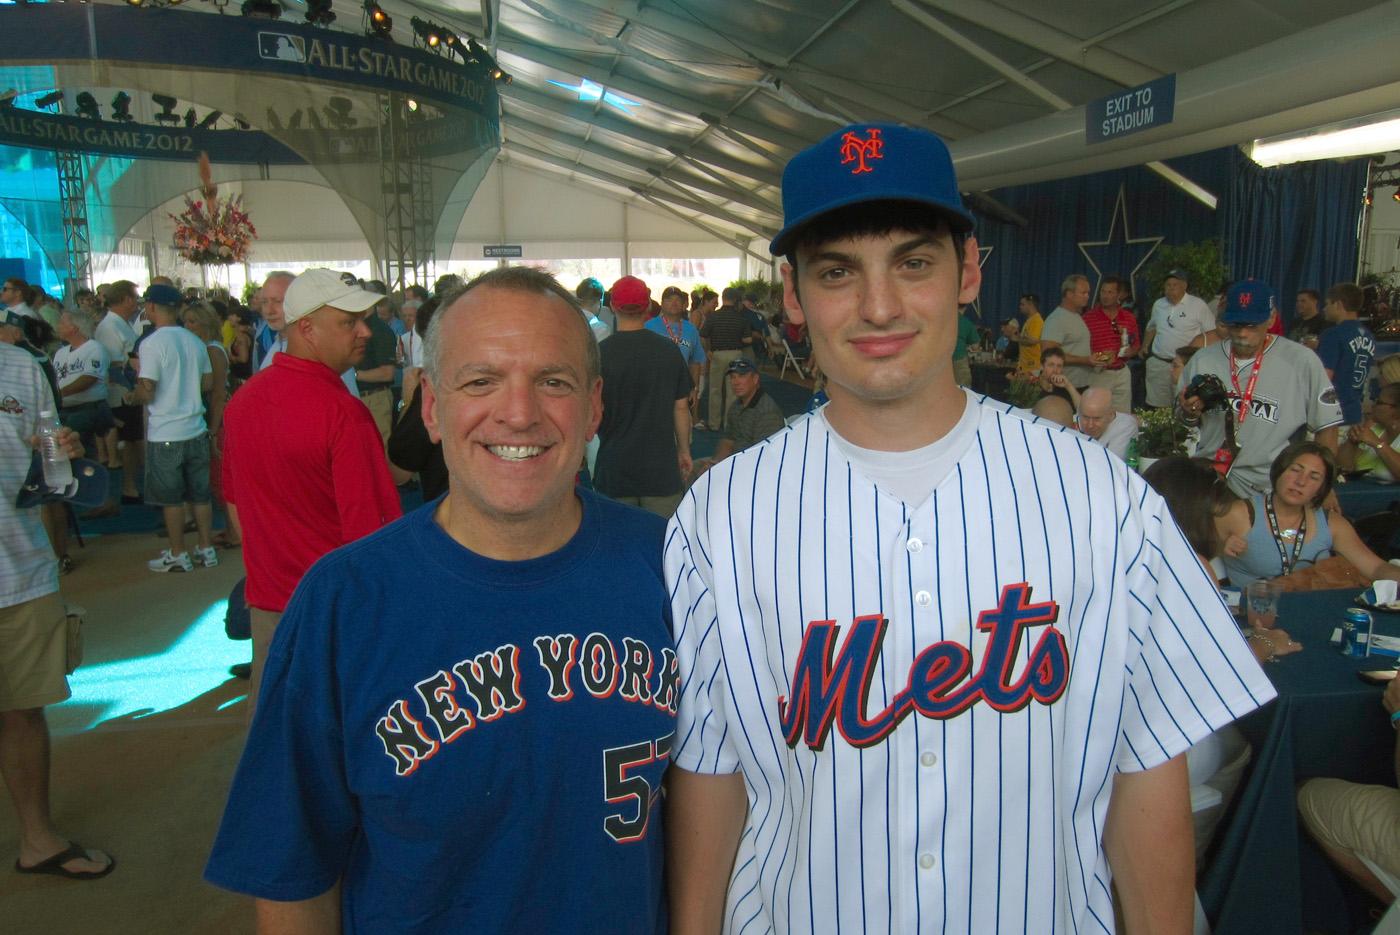 NewYork_Mets_Fans.jpg